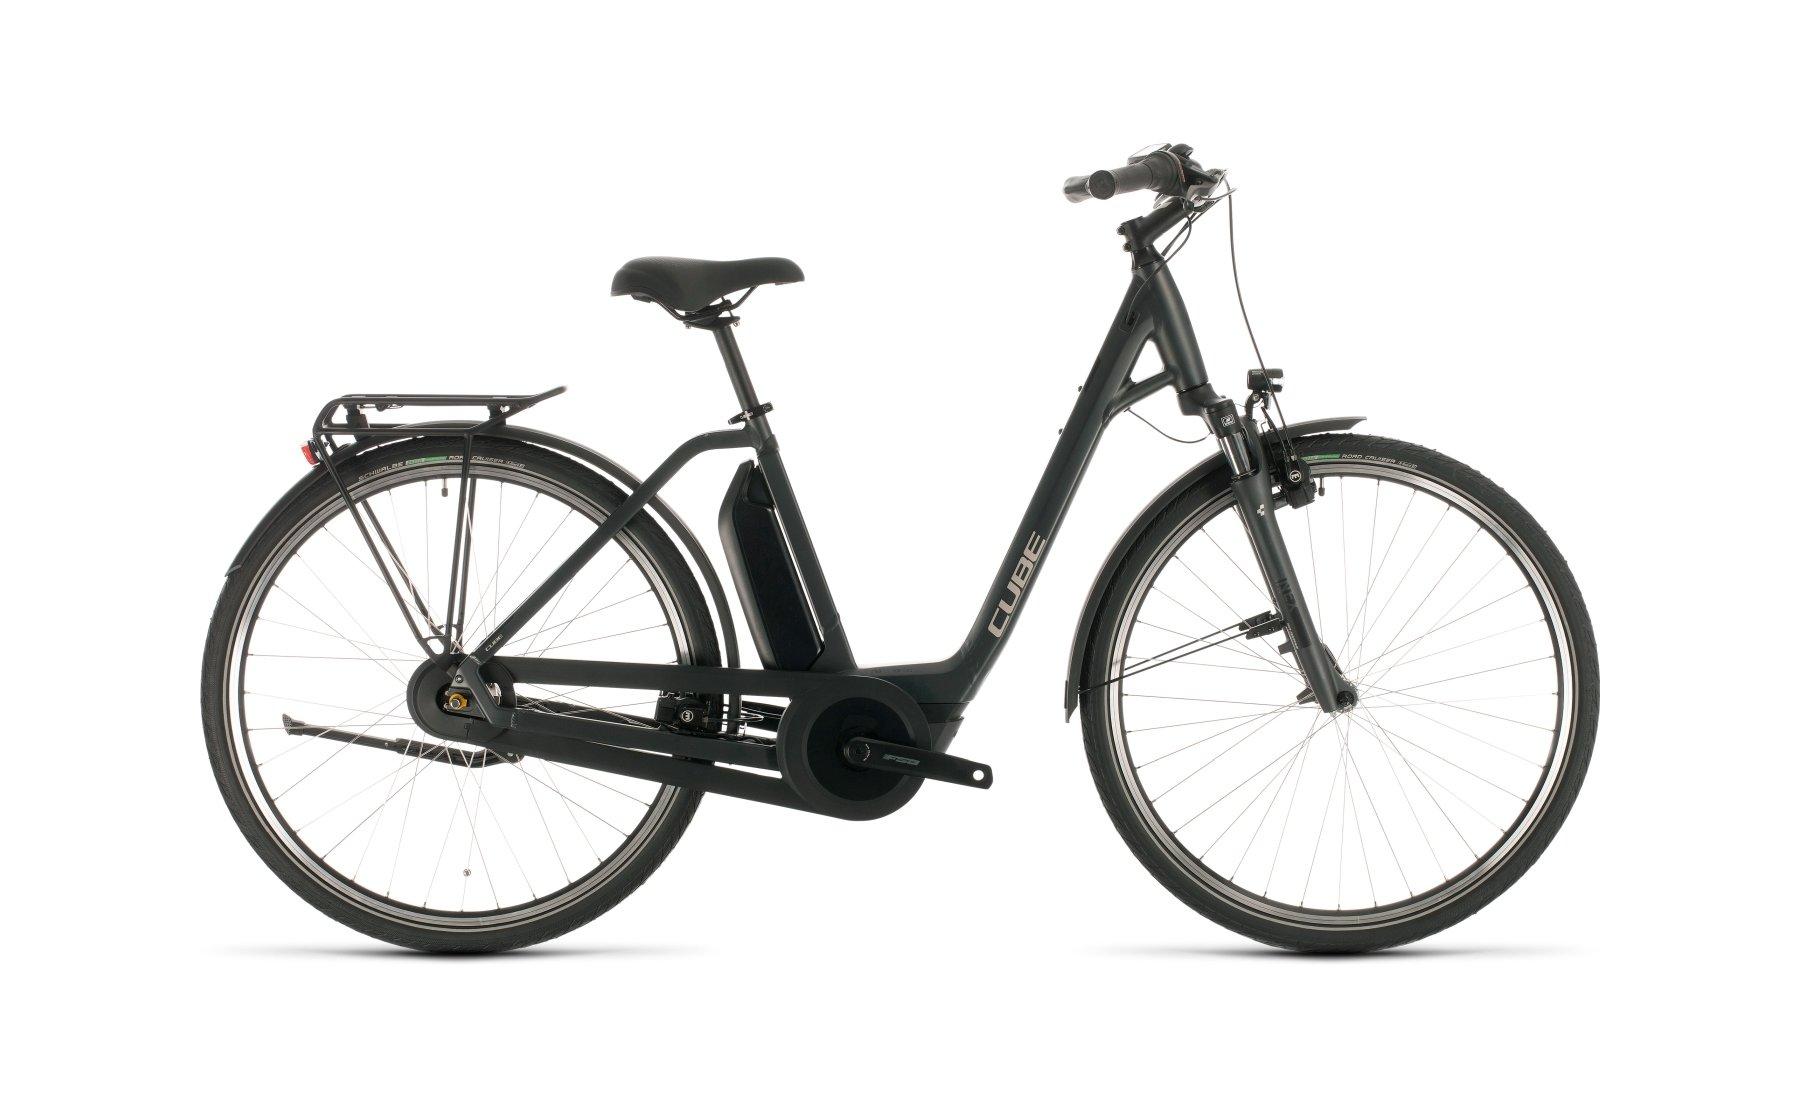 Cube E-Bike 2019